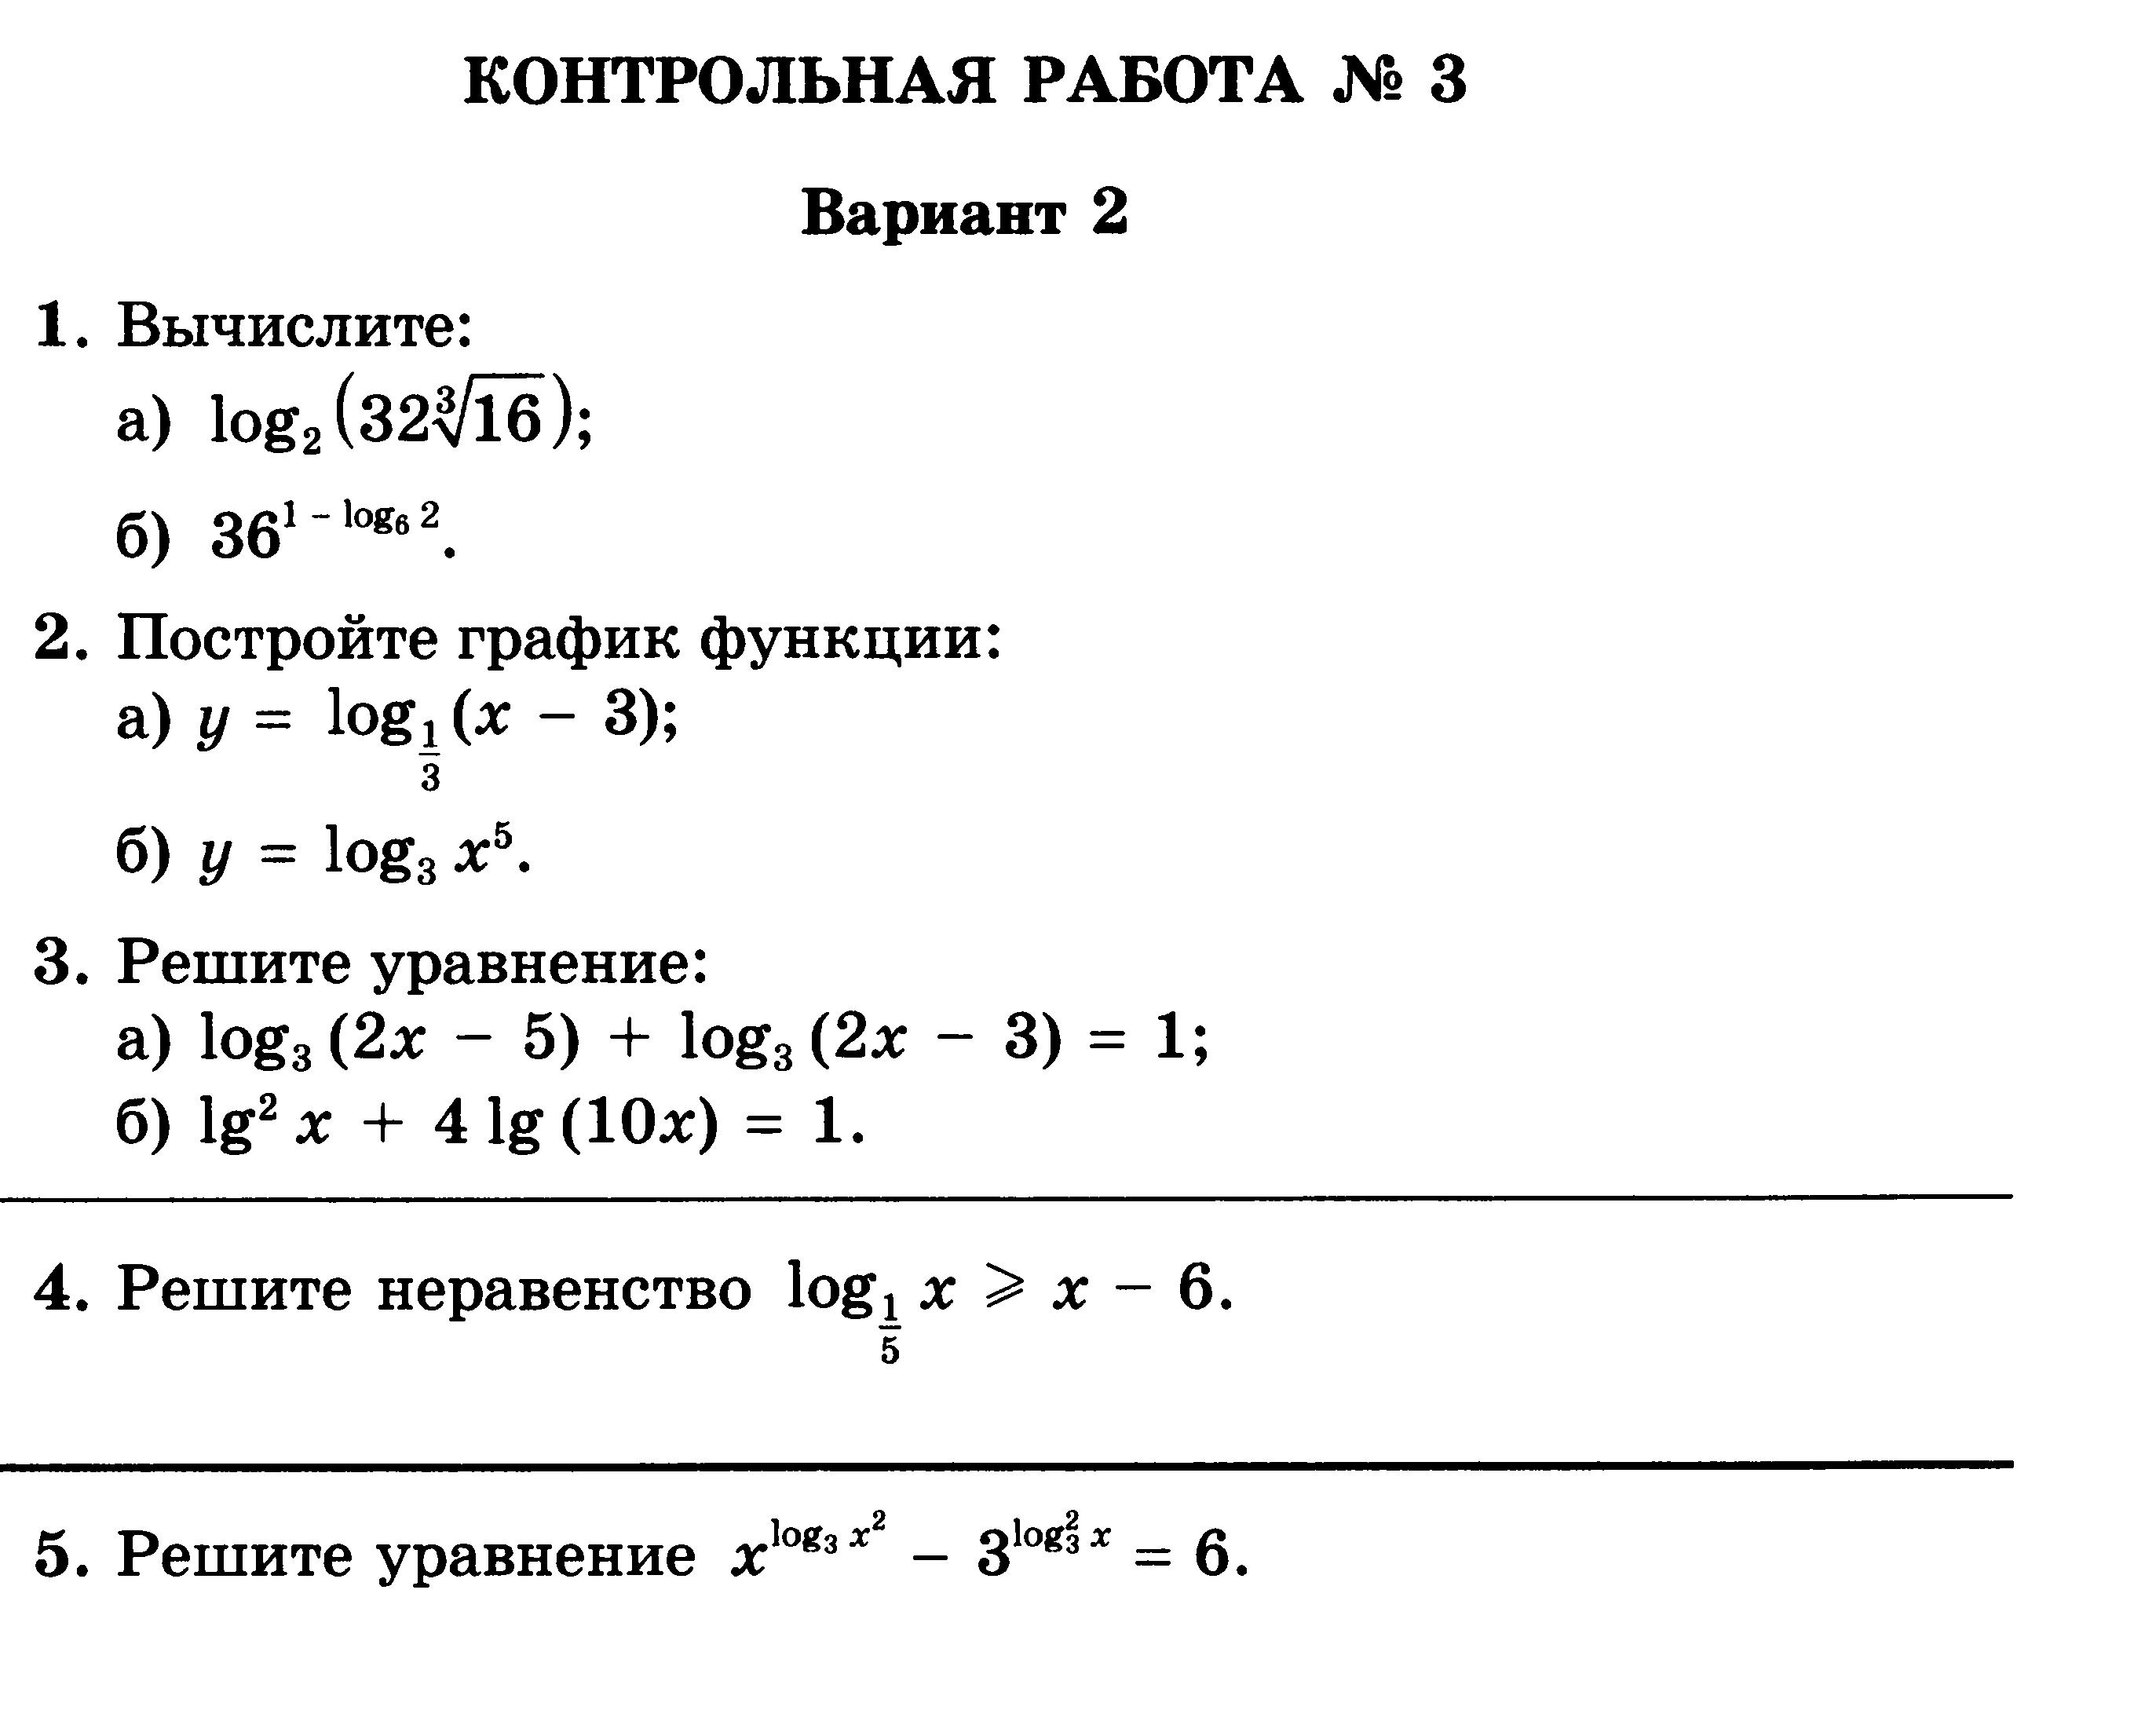 Контрольная По Логарифмическим Функциям 10 Класс Решебник Фото